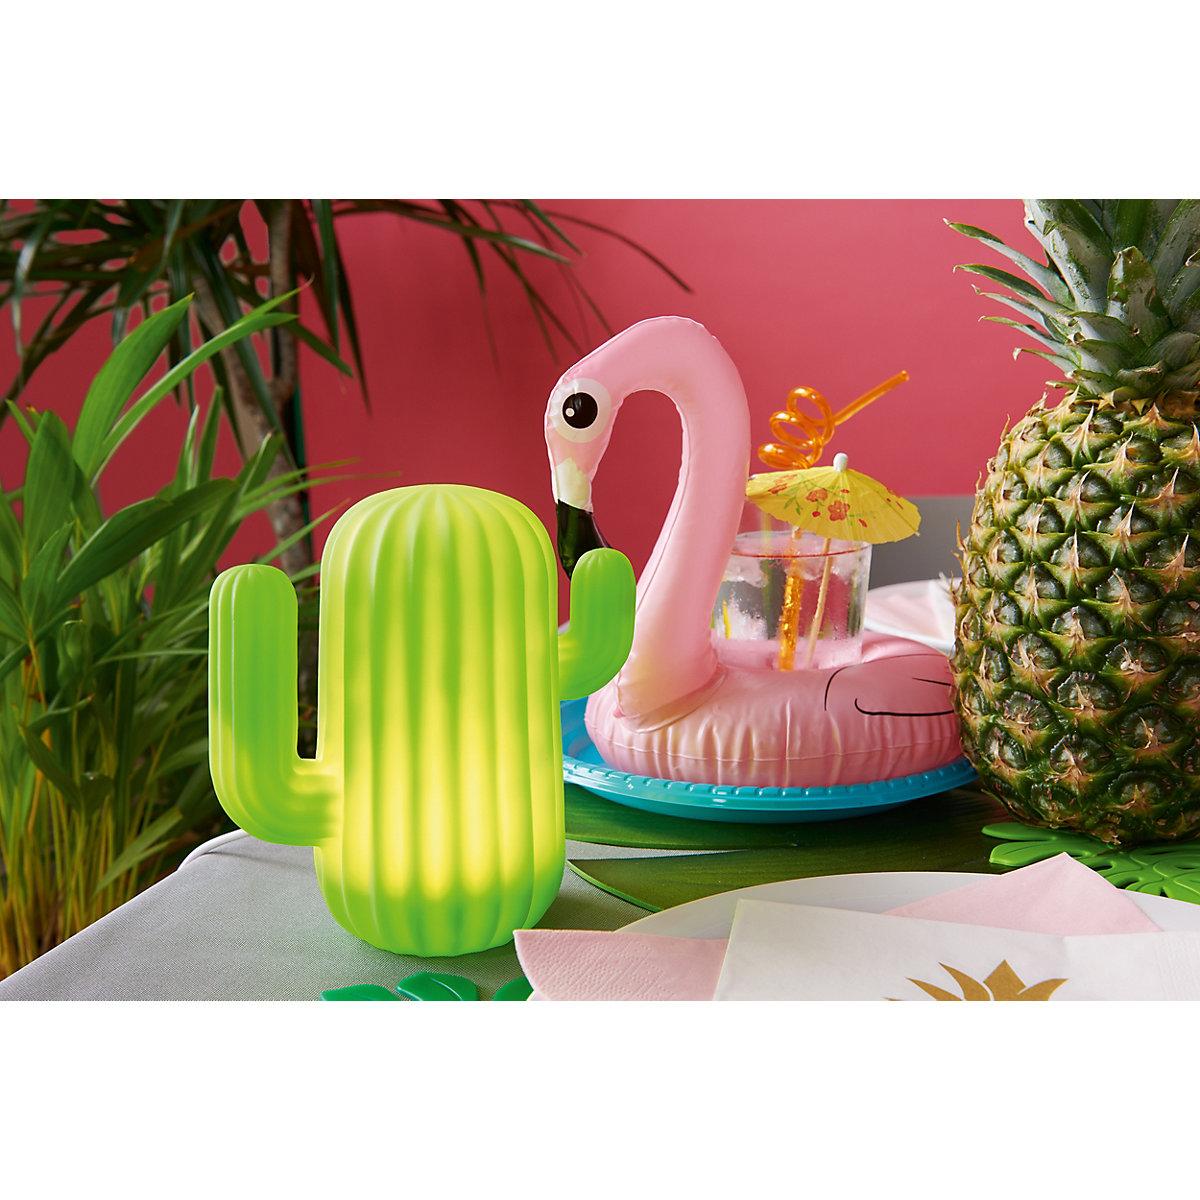 led lampe kaktus mit usb anschluss gr n yomonda. Black Bedroom Furniture Sets. Home Design Ideas